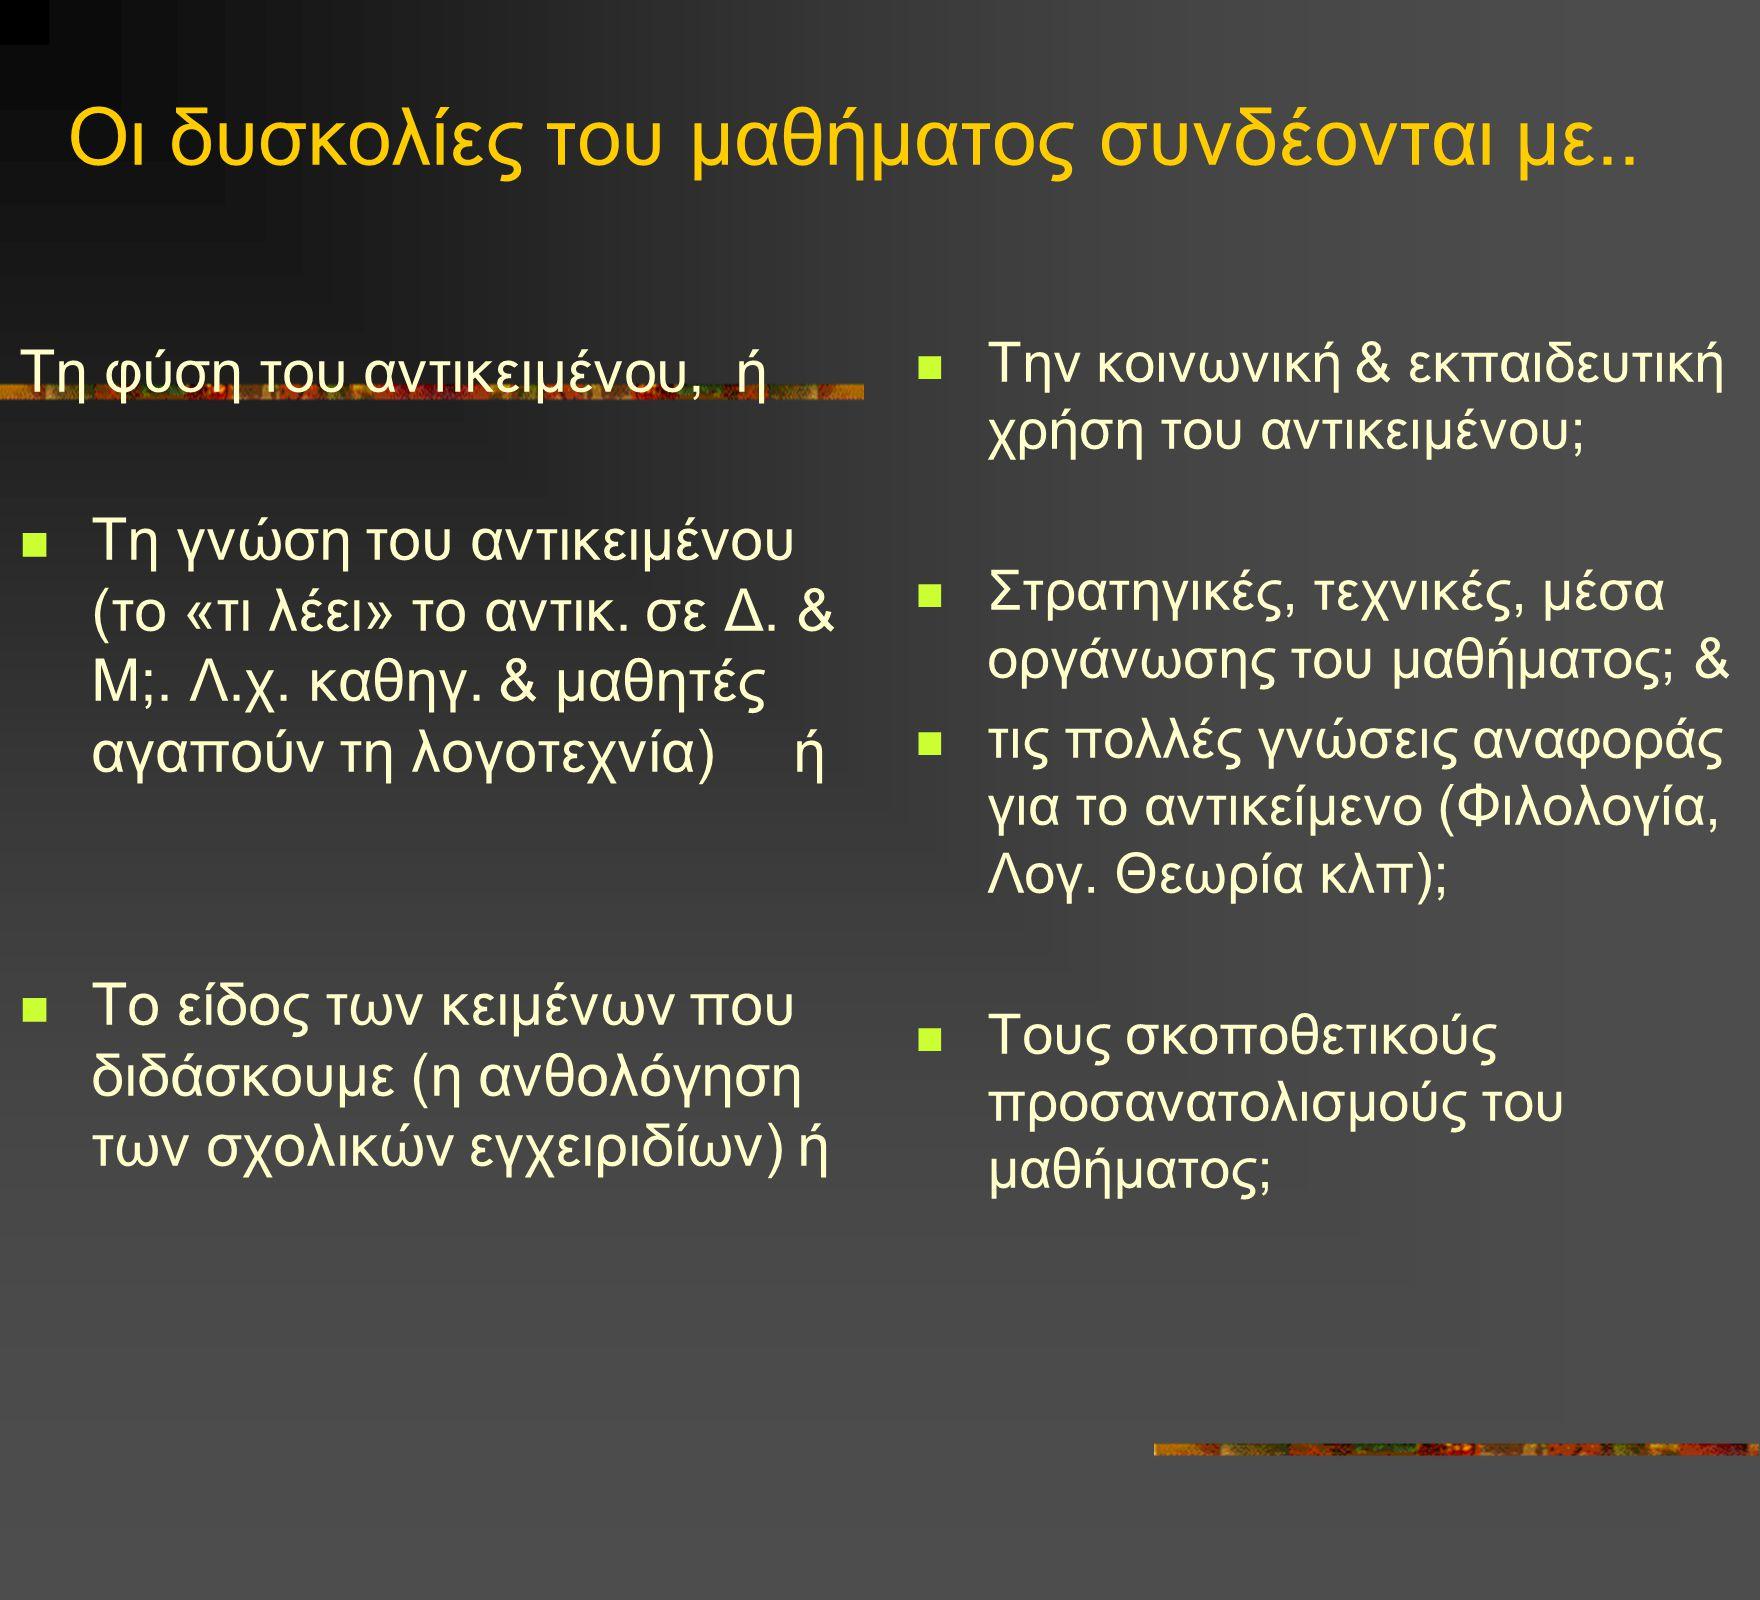 Οι δυσκολίες του μαθήματος συνδέονται με.. Τη φύση του αντικειμένου, ή Τη γνώση του αντικειμένου (το «τι λέει» το αντικ. σε Δ. & Μ;. Λ.χ. καθηγ. & μαθ